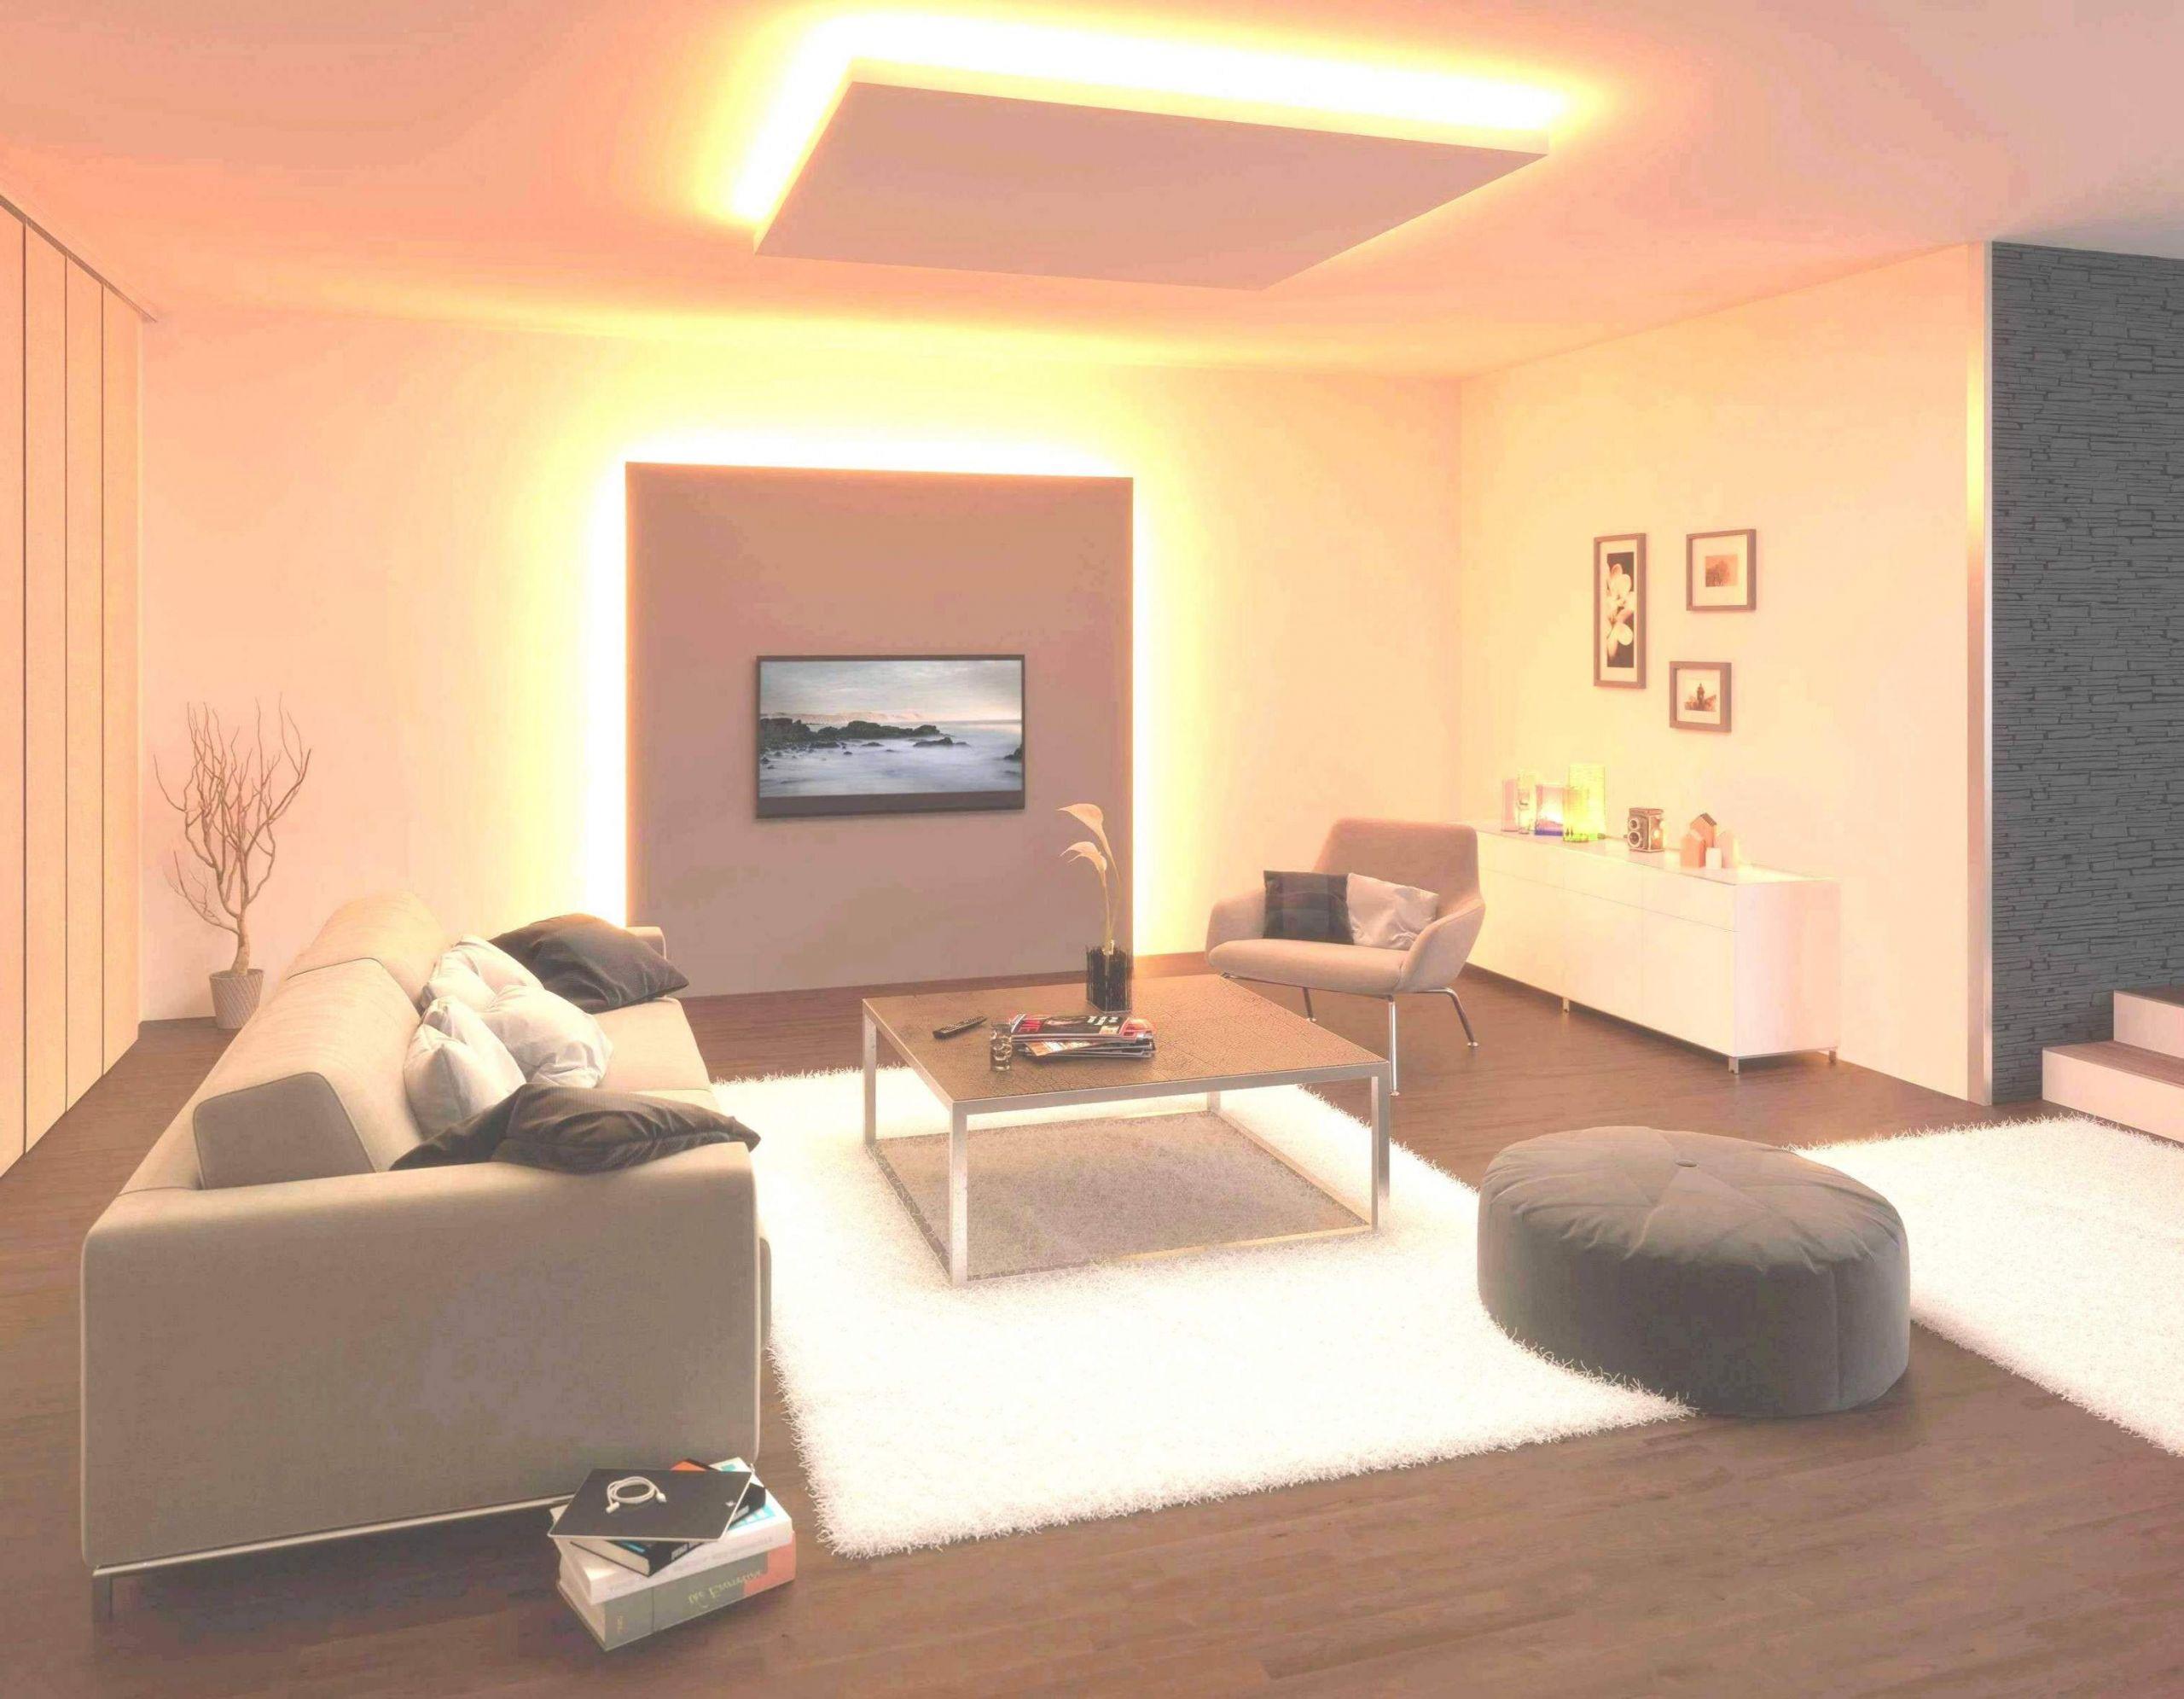 deckenspots wohnzimmer elegant deckenspots wohnzimmer luxus beleuchtung wohnzimmer spots of deckenspots wohnzimmer scaled